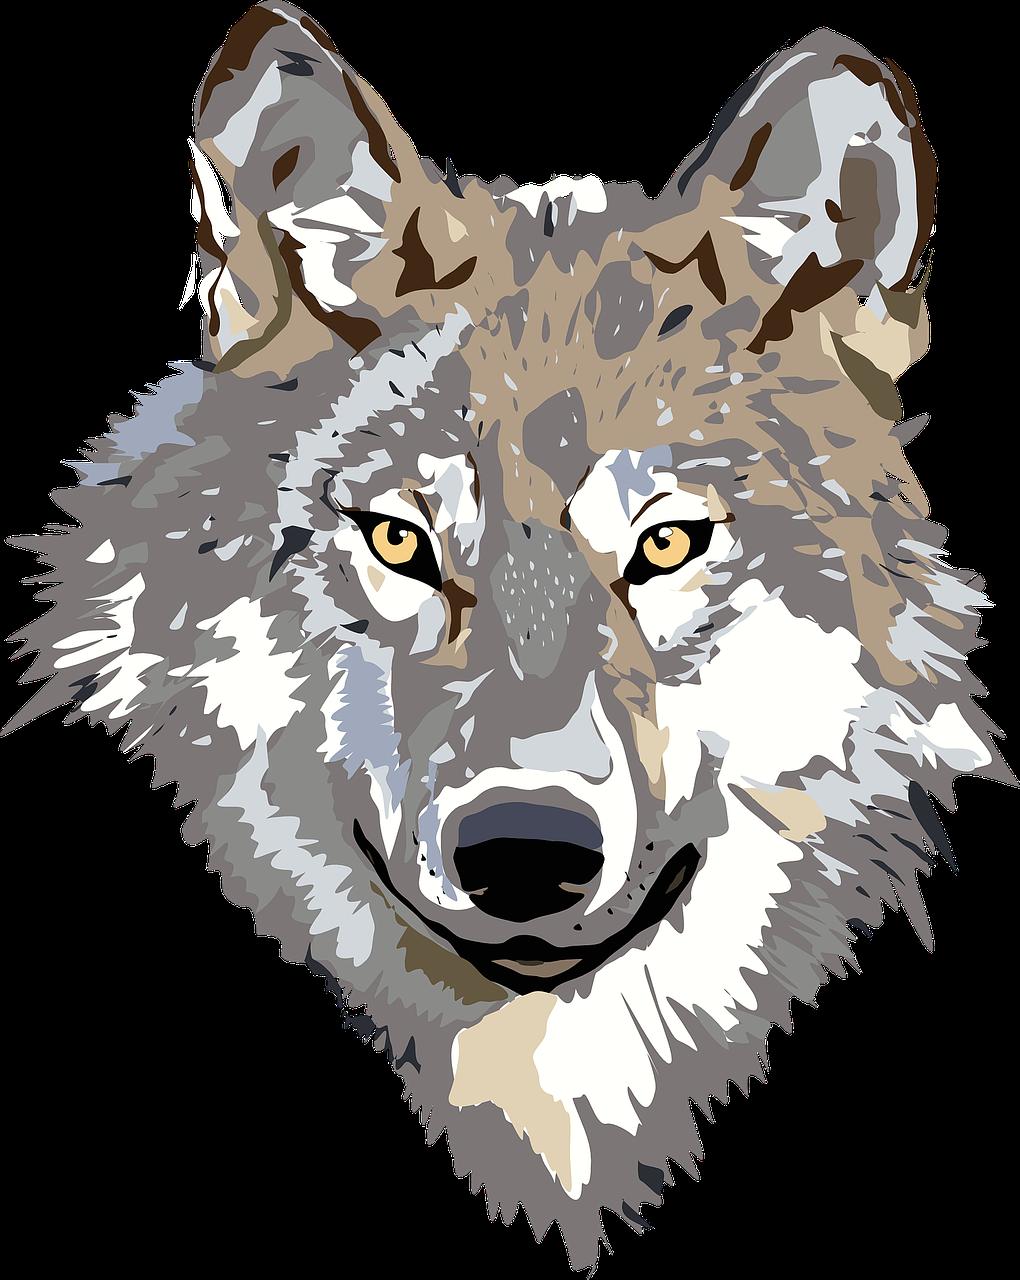 piger søger mænd ulve wiki